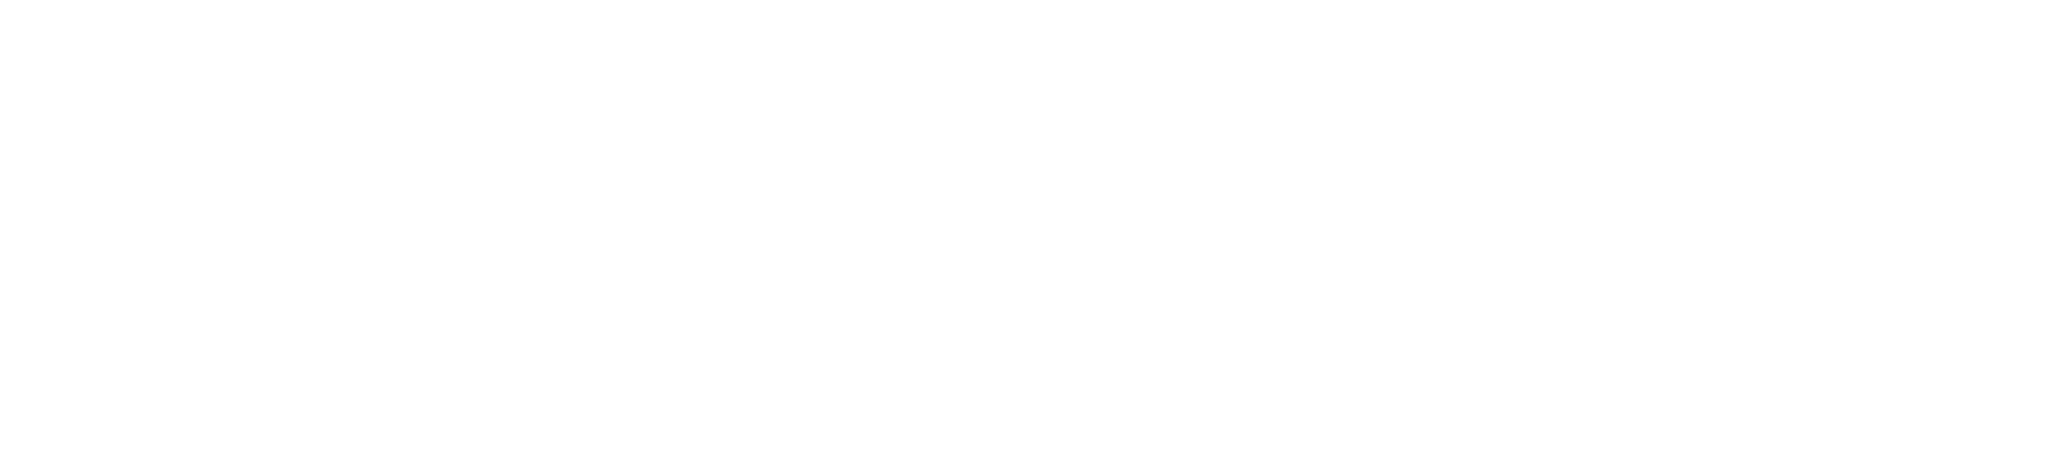 feuille de soin rma watanya